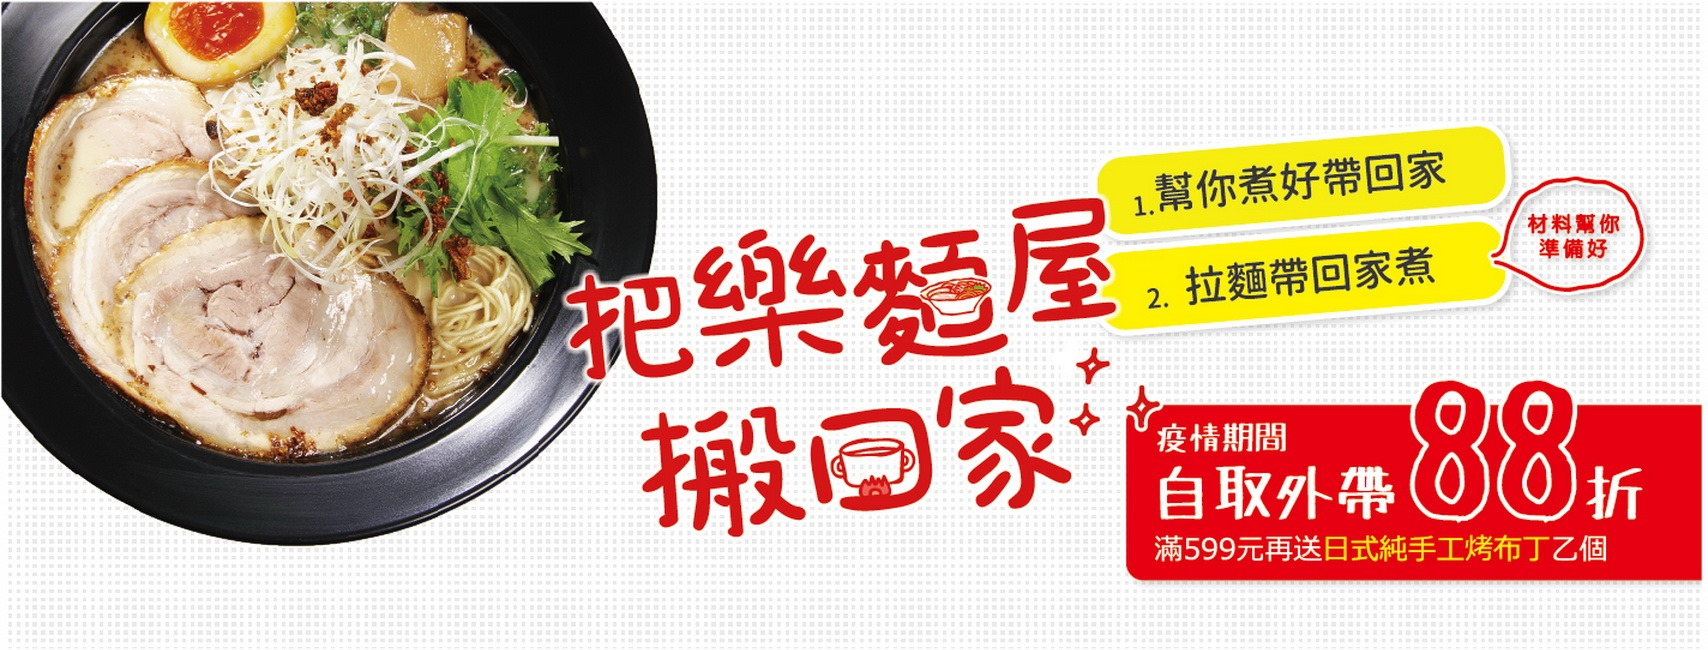 台北外帶美食 優惠餐廳總整理 防疫期間外帶優惠總整理! 連鎖品牌外帶優惠懶人包 27